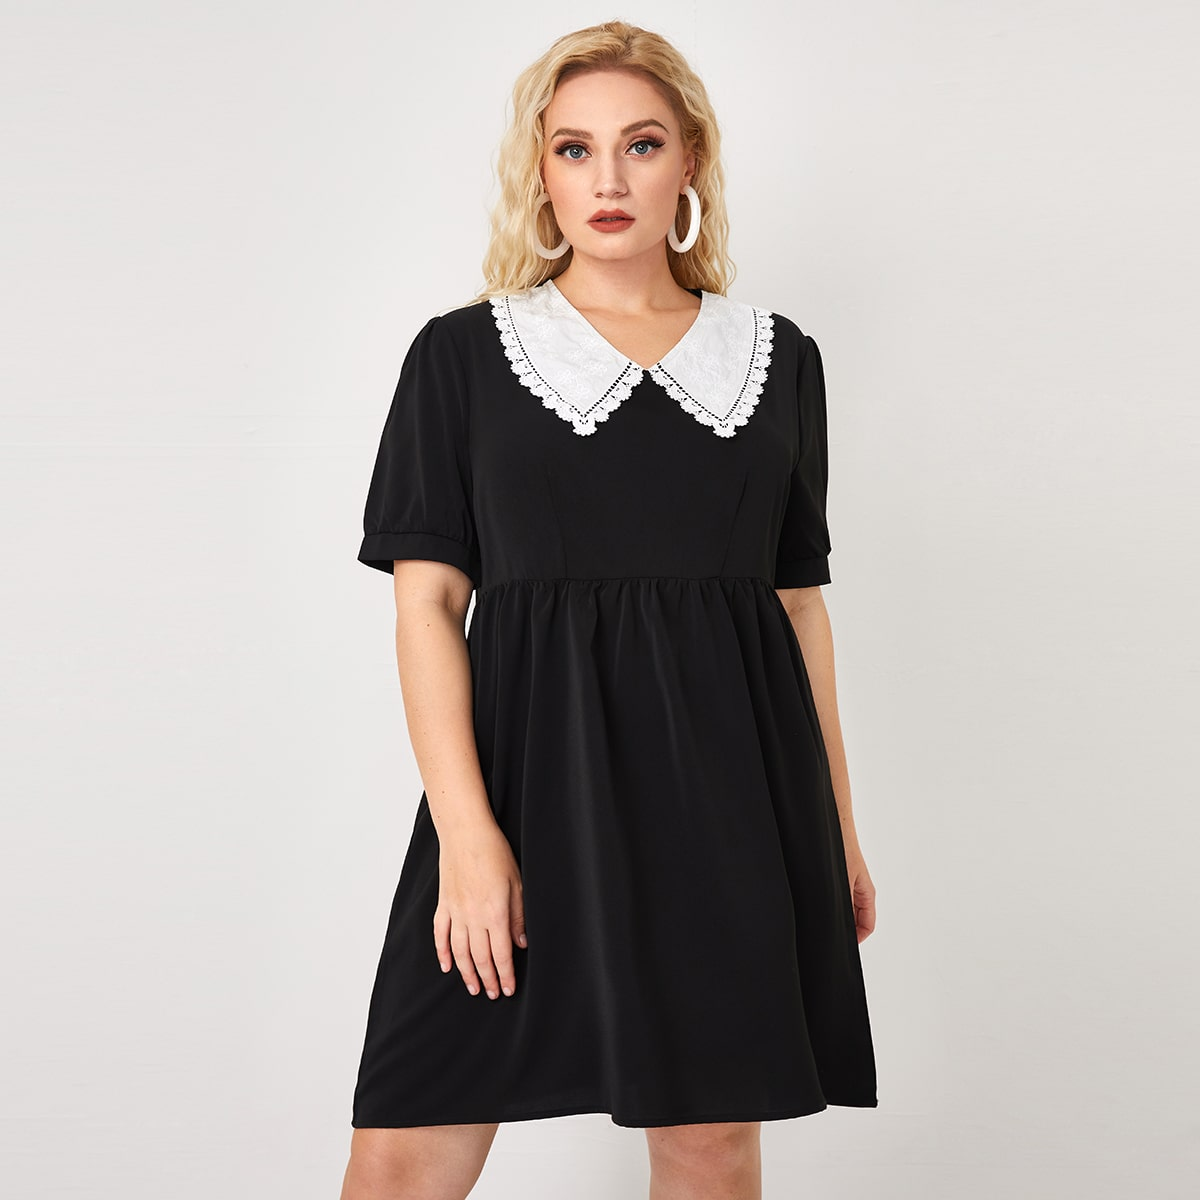 Контрастные кружева Контрастный цвет милый Платья размер плюс